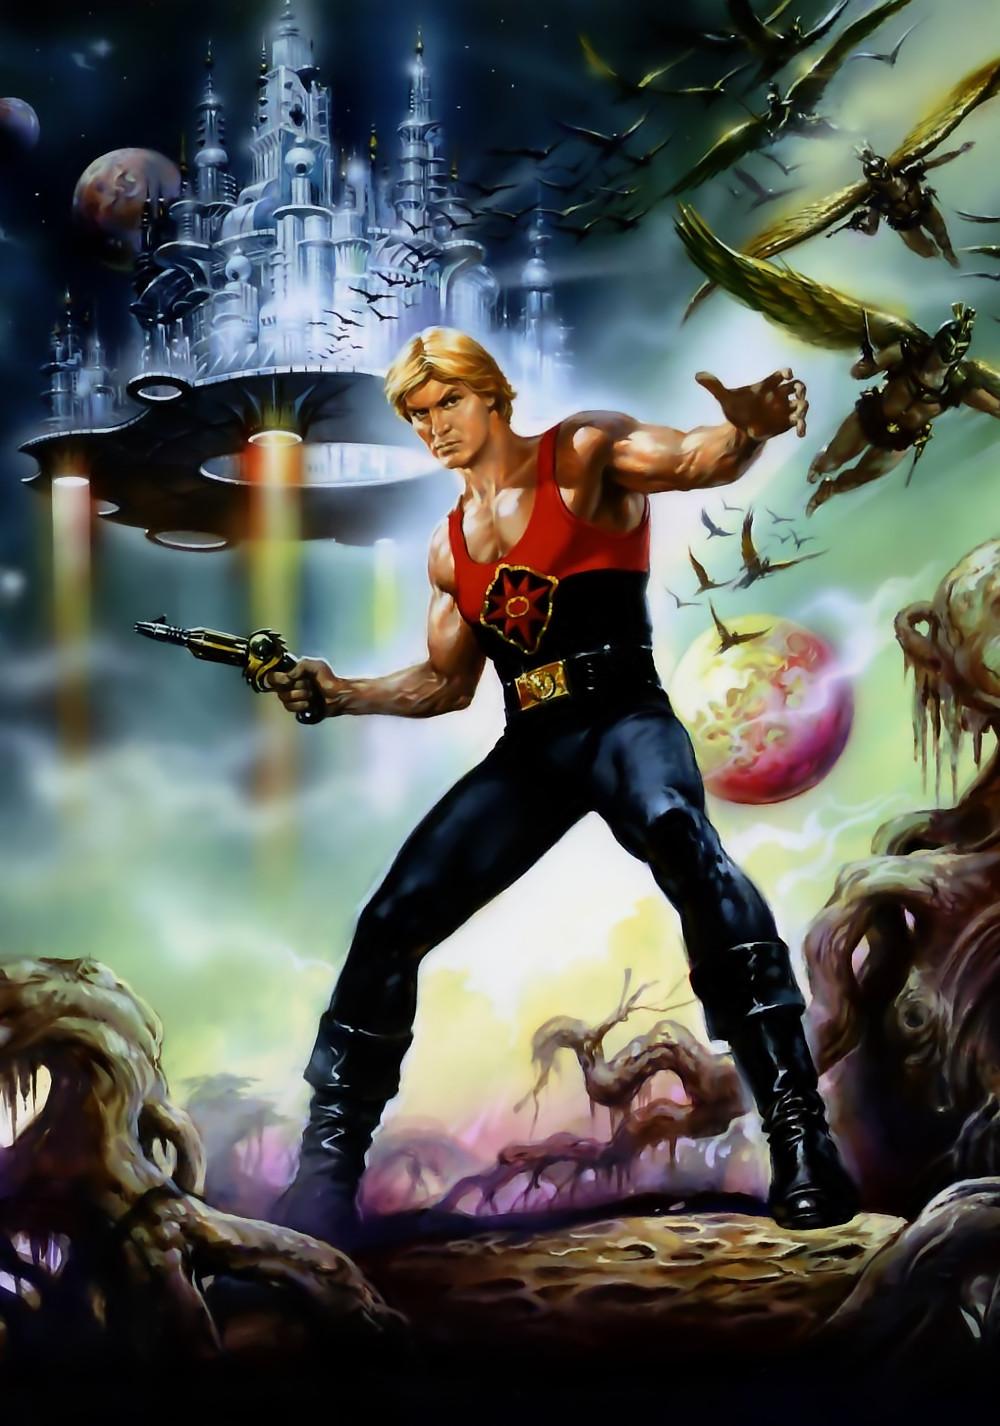 Diretor de Thor: Ragnarok vai dirigir animação de Flash Gordon